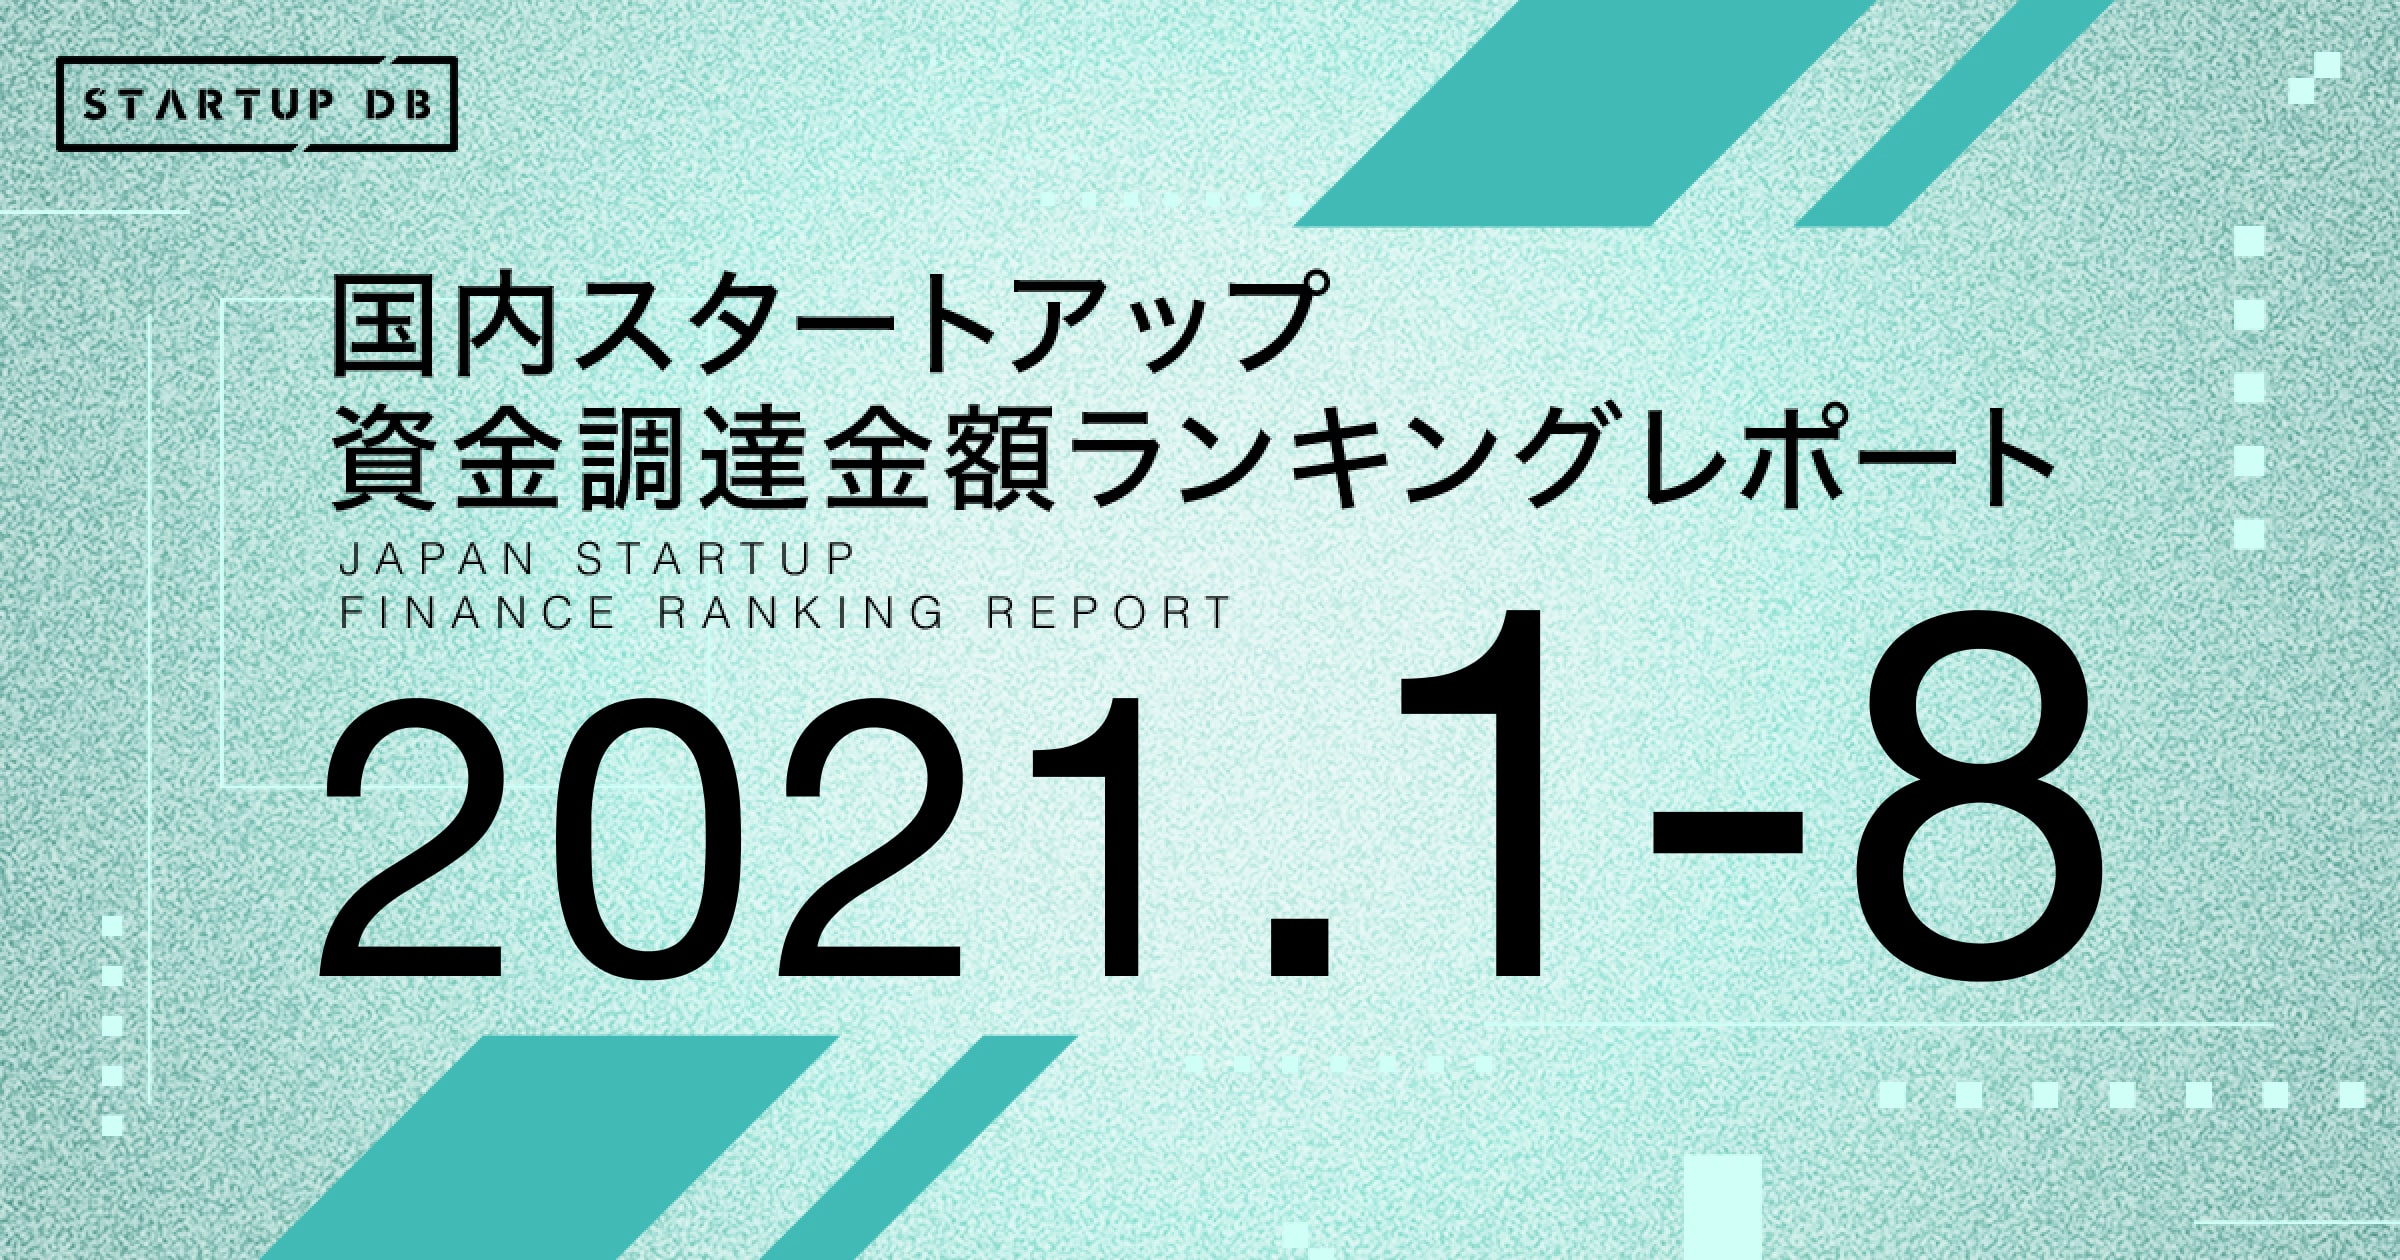 【STARTUP DB】調査結果 国内スタートアップ資金調達金額ランキング(2021年1-8月)